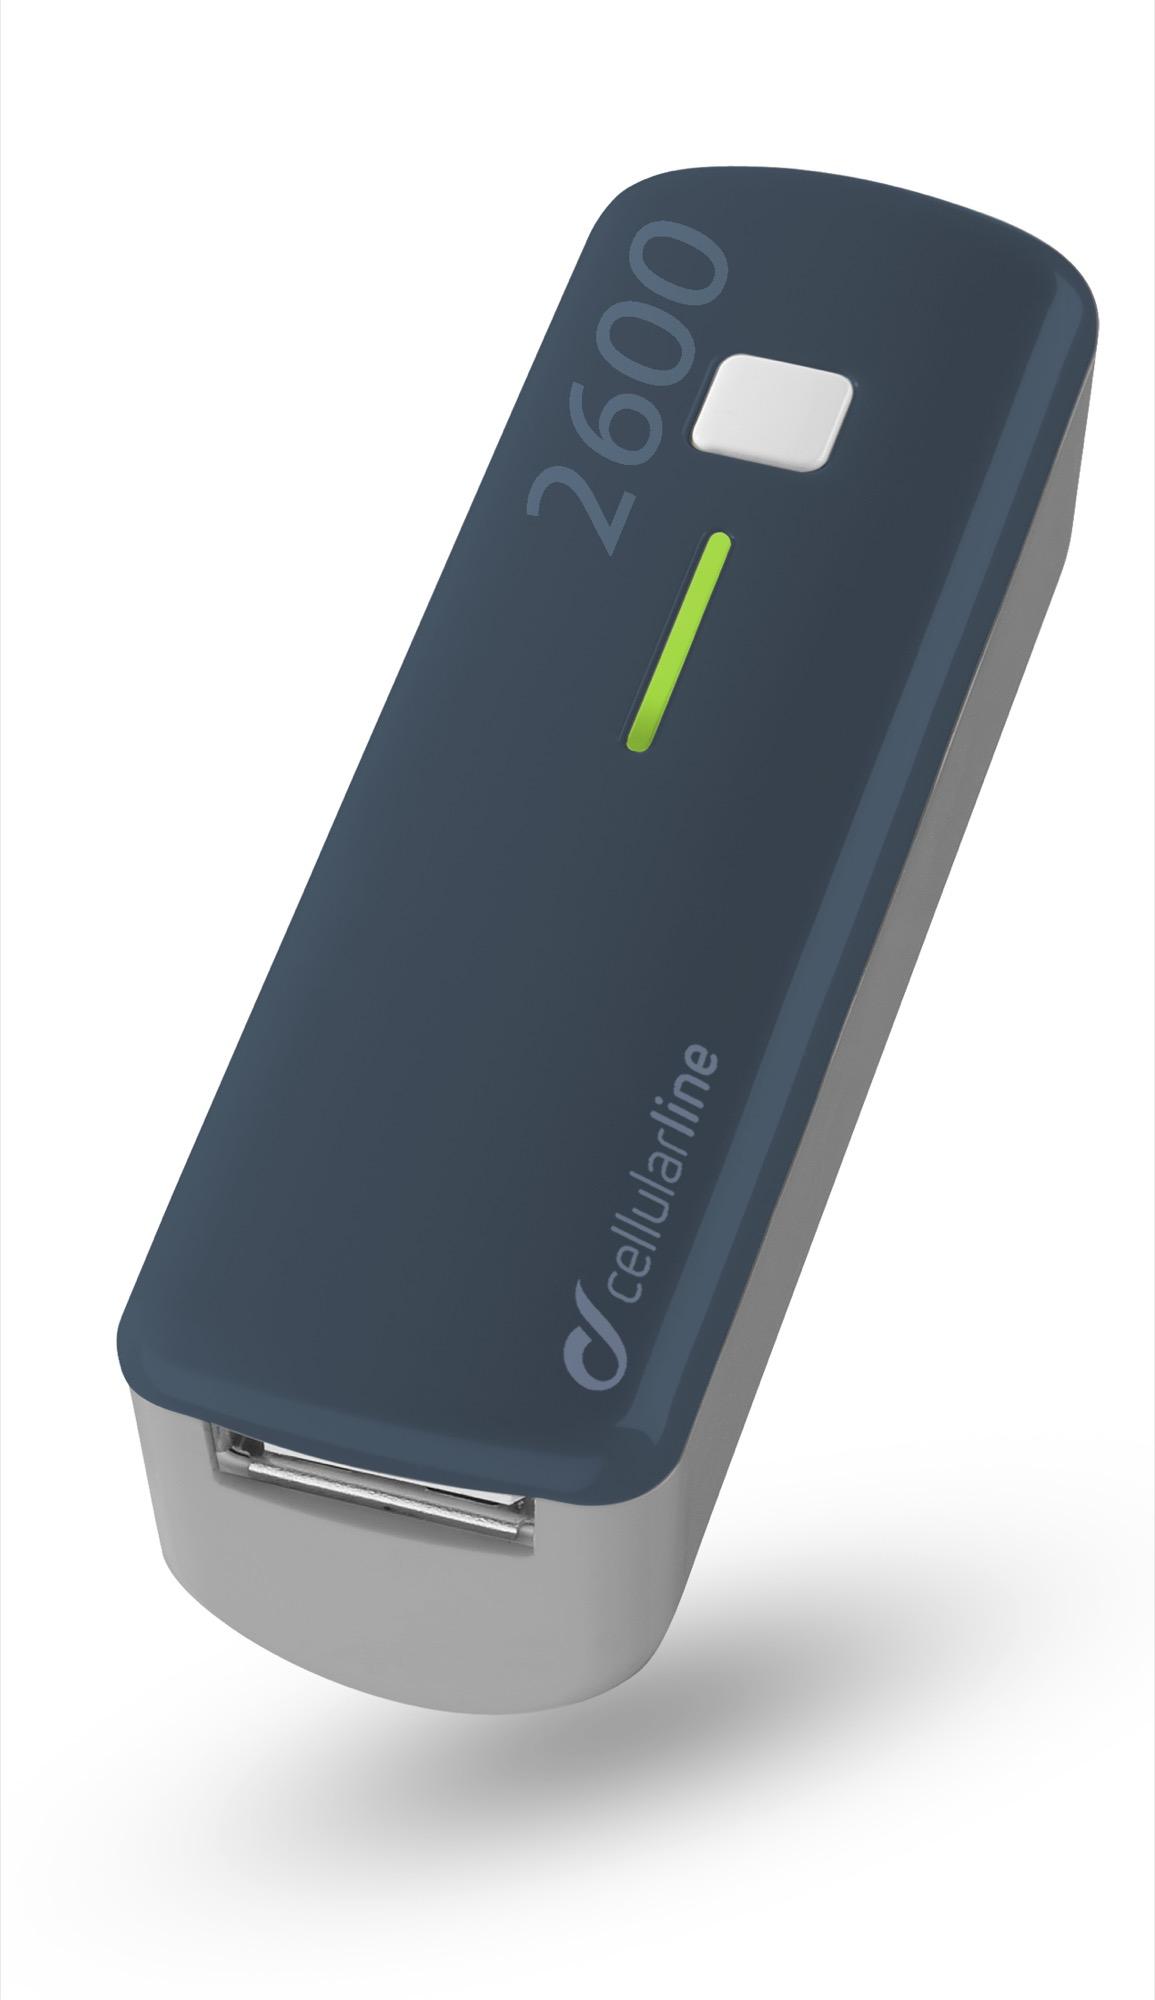 De Pocketcharger 2600 past zelfs in je broekzak!